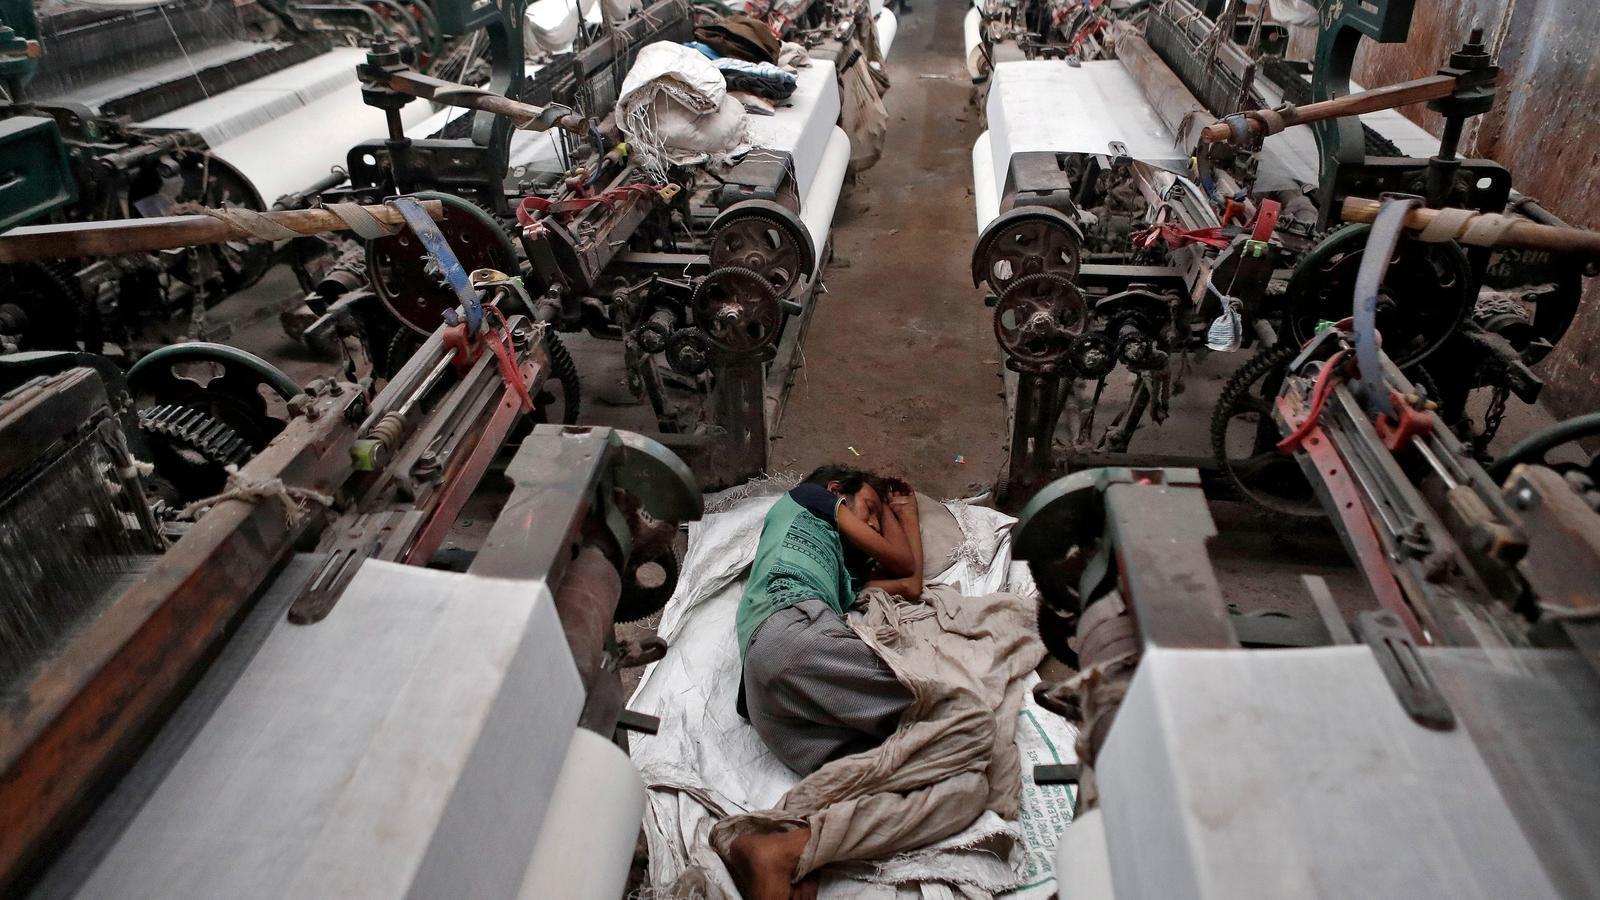 Crisi humanitària a l'Índia a causa del covid-19